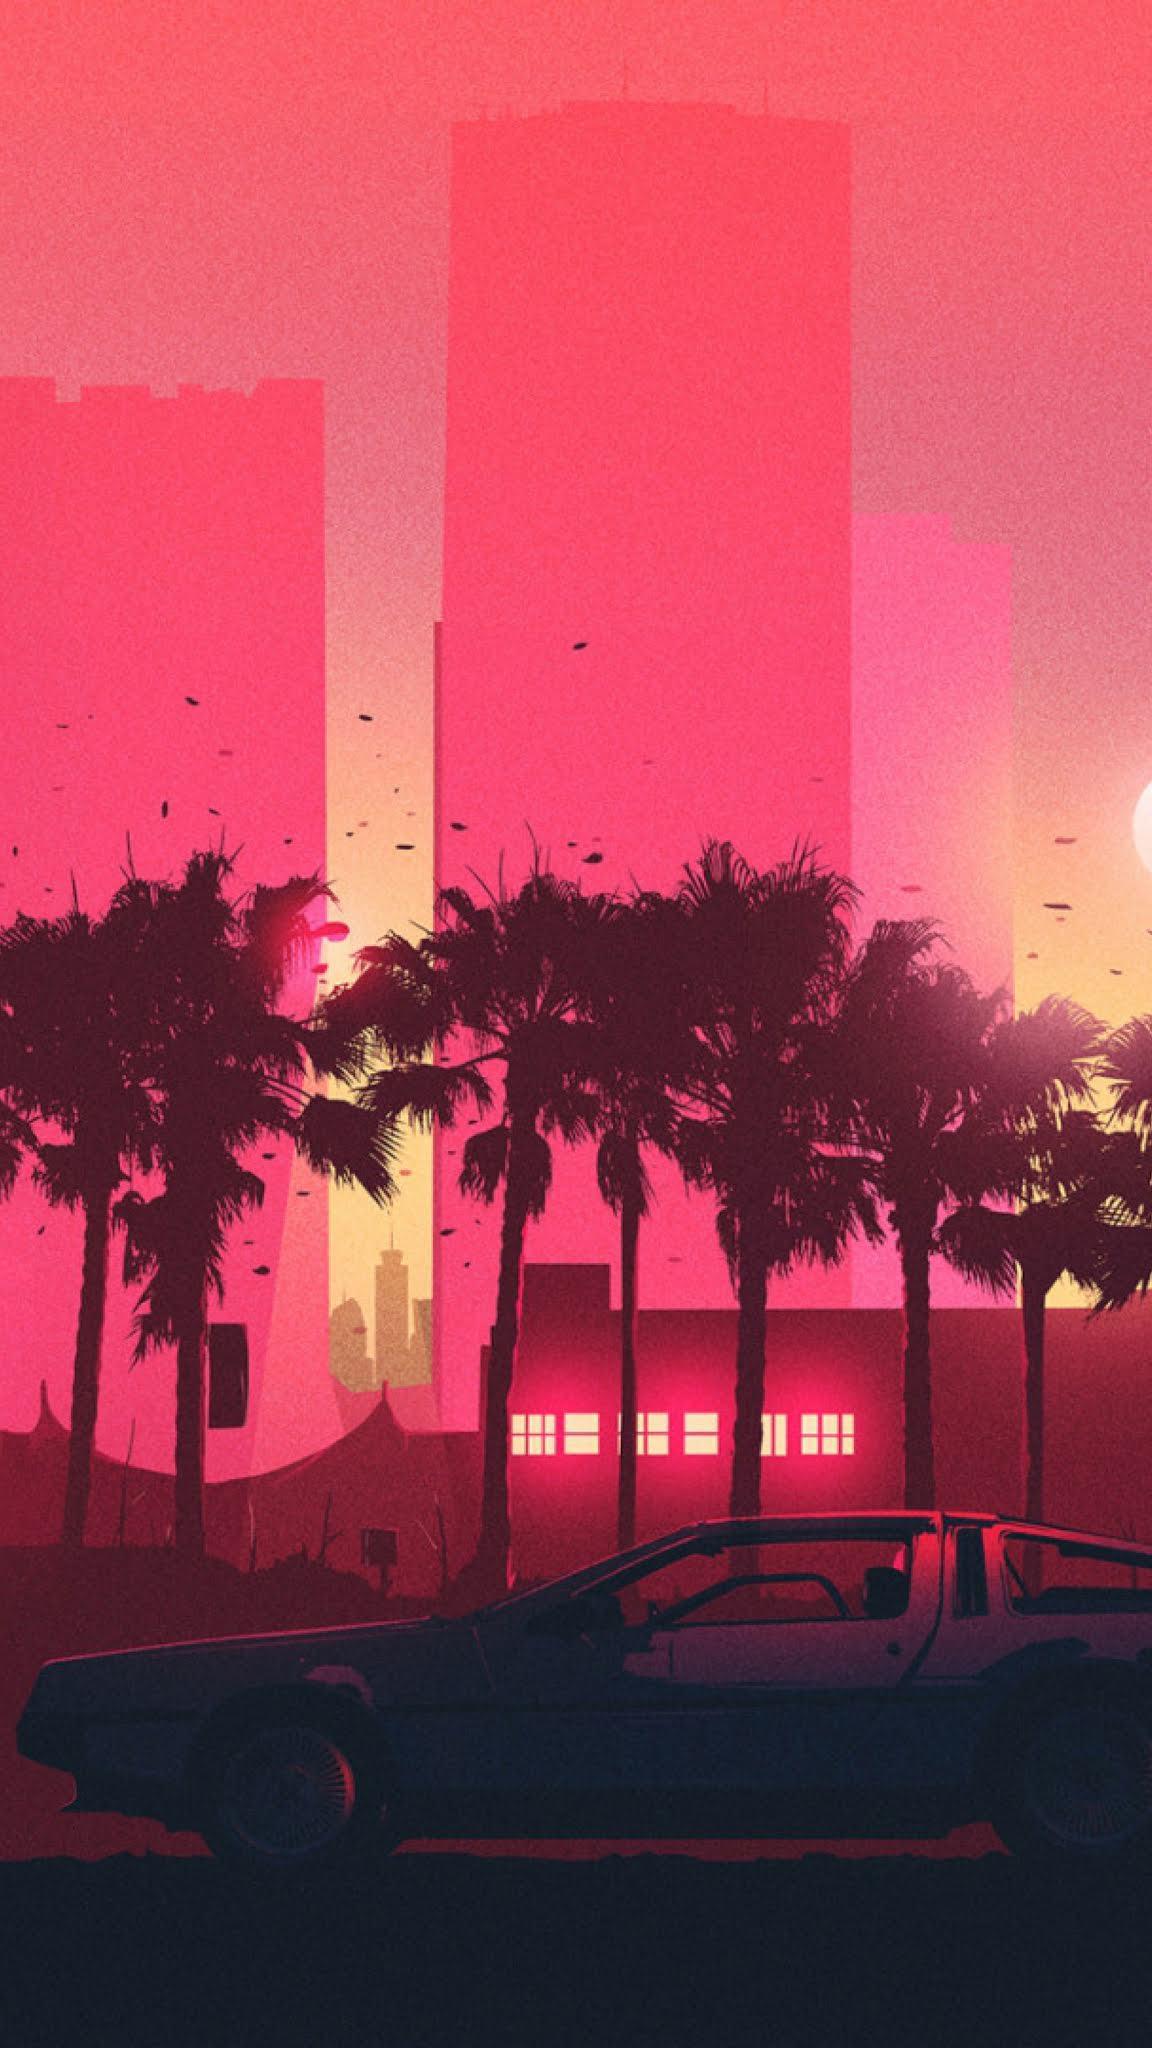 Vaporwave Iphone 11 Wallpaper